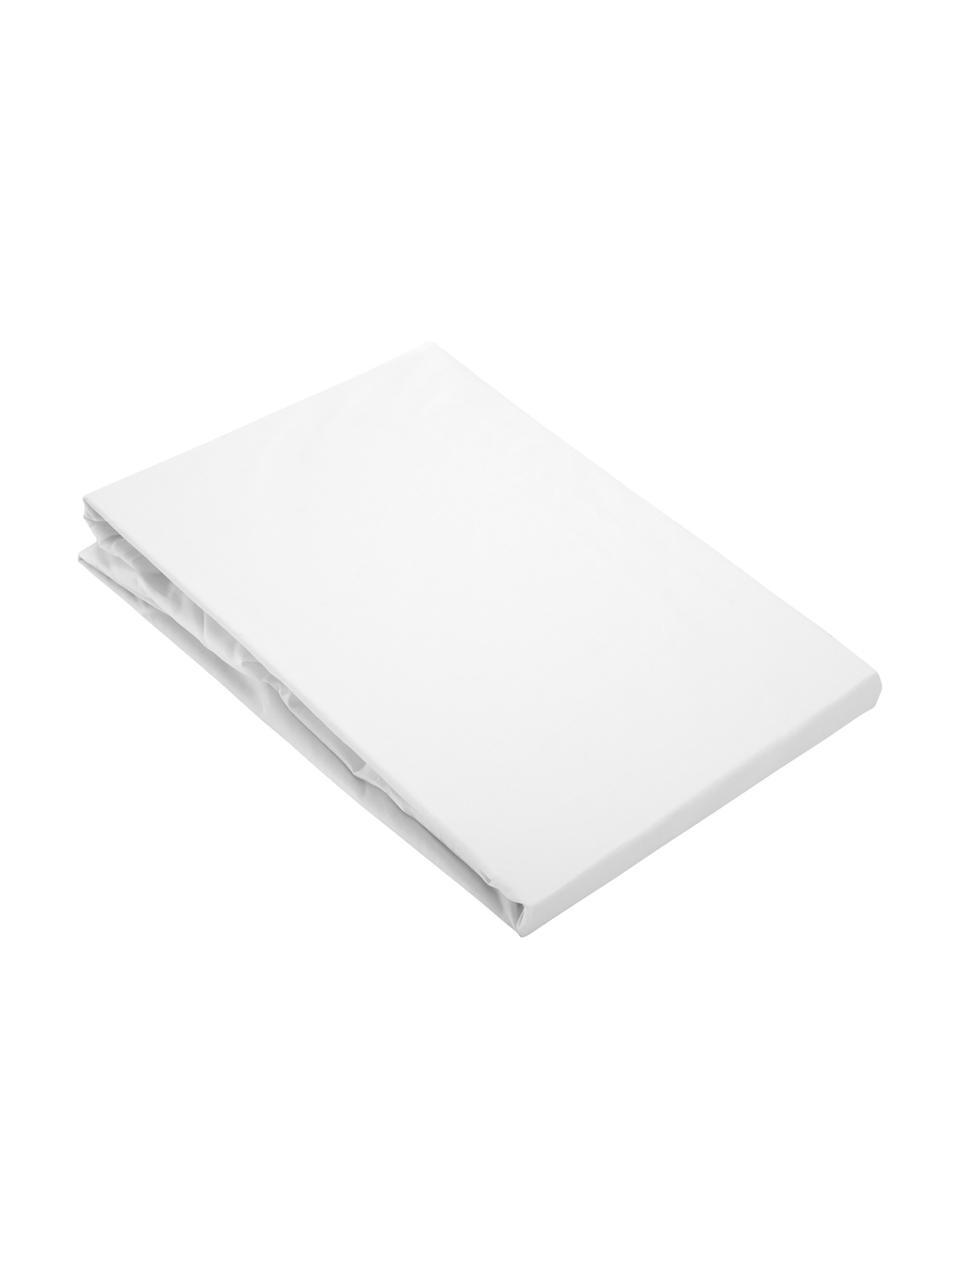 Spannbettlaken Elsie in Weiß, Perkal, Webart: Perkal, Weiß, 180 x 200 cm